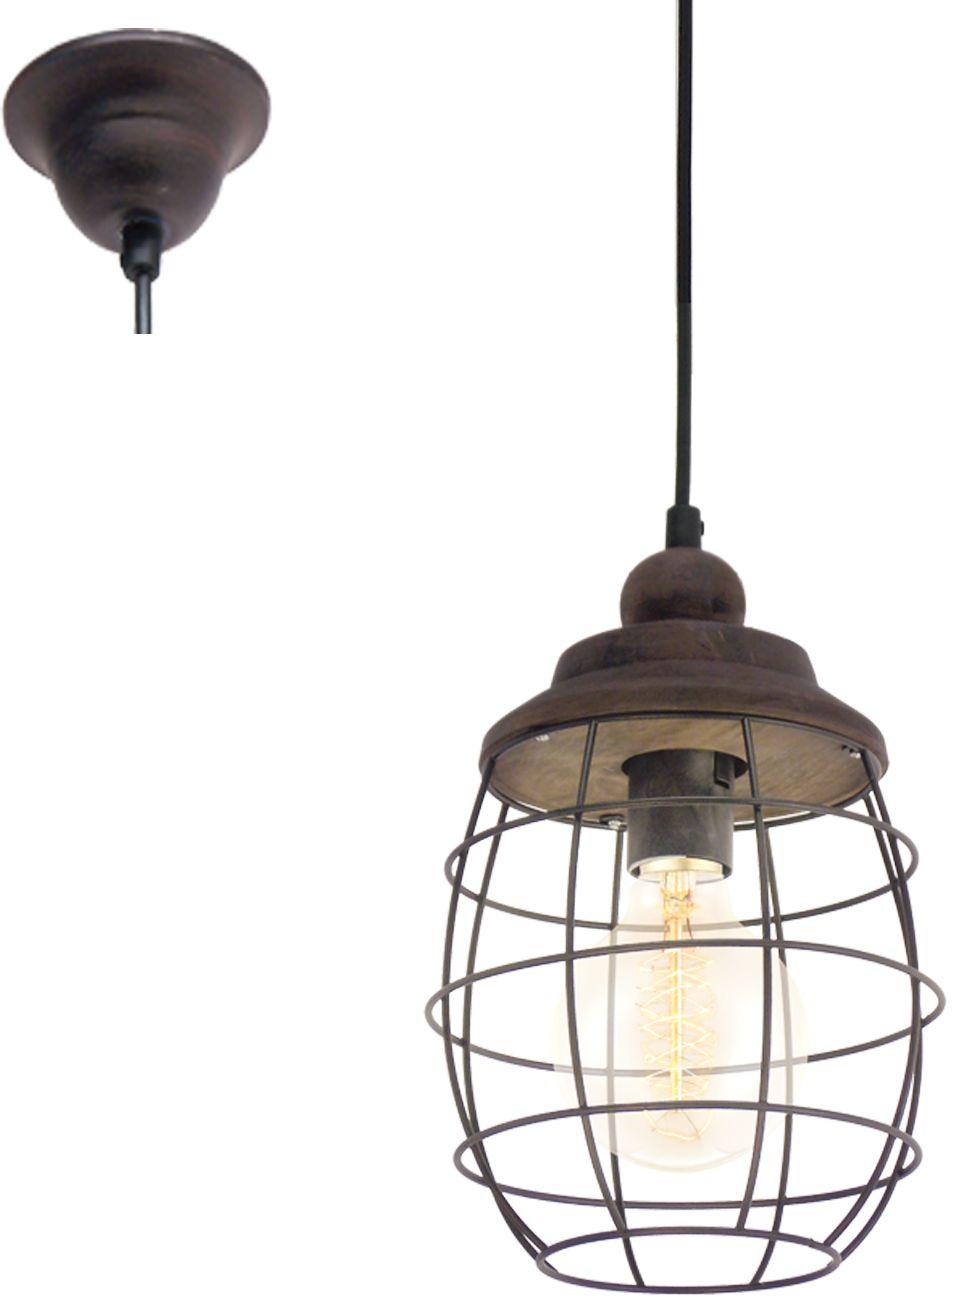 Eglo lampa wisząca Bampton 49219 - SUPER OFERTA - RABAT w koszyku